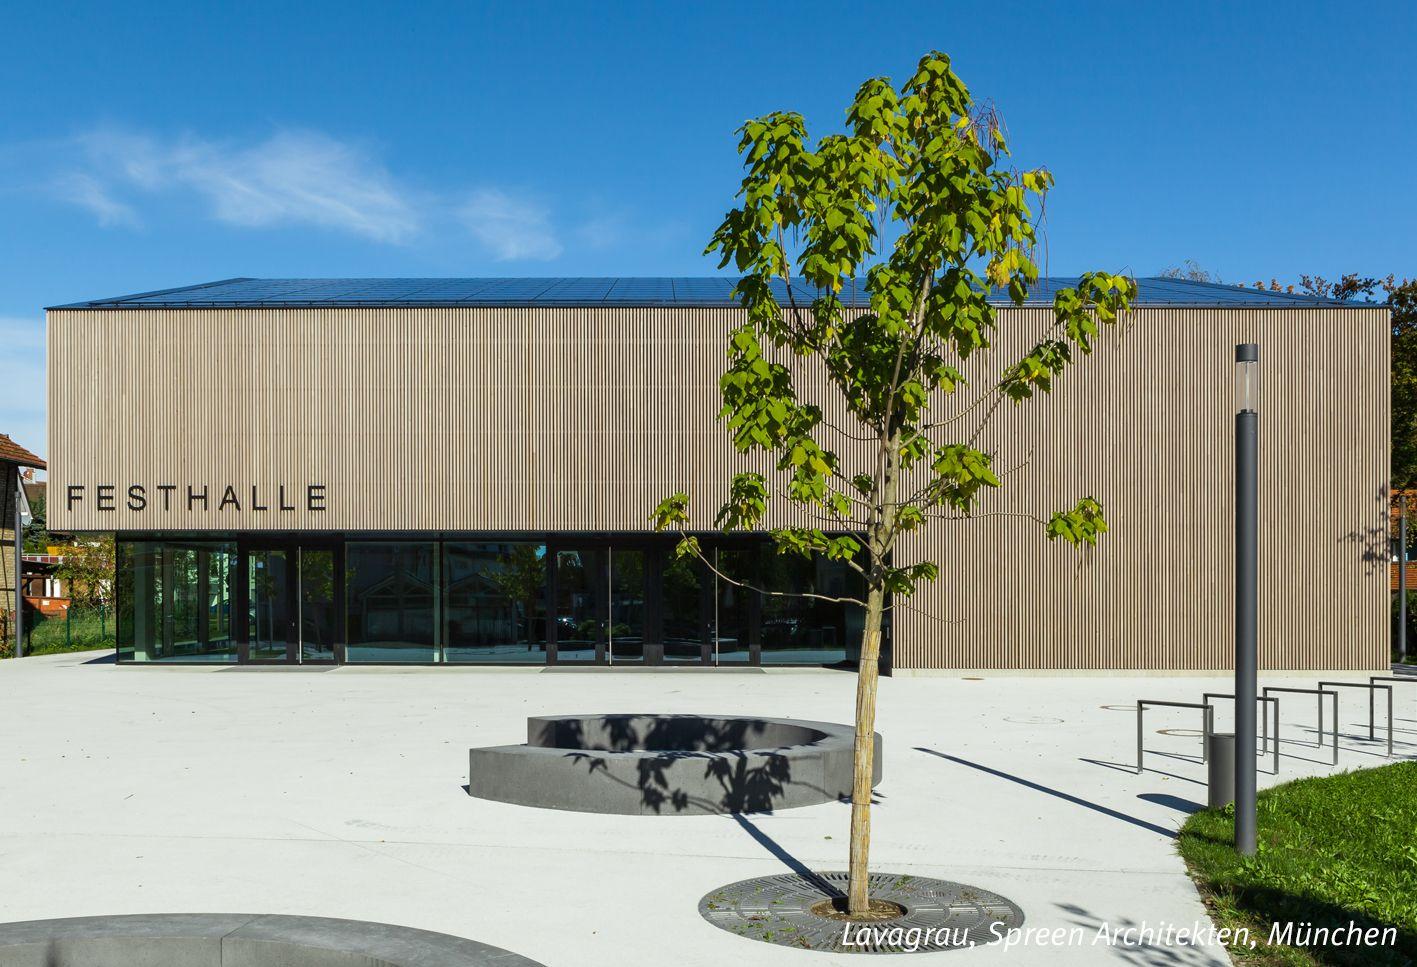 Architekten Kleve festhalle in kressbronn am bodensee mit moderner grauen holzfassade